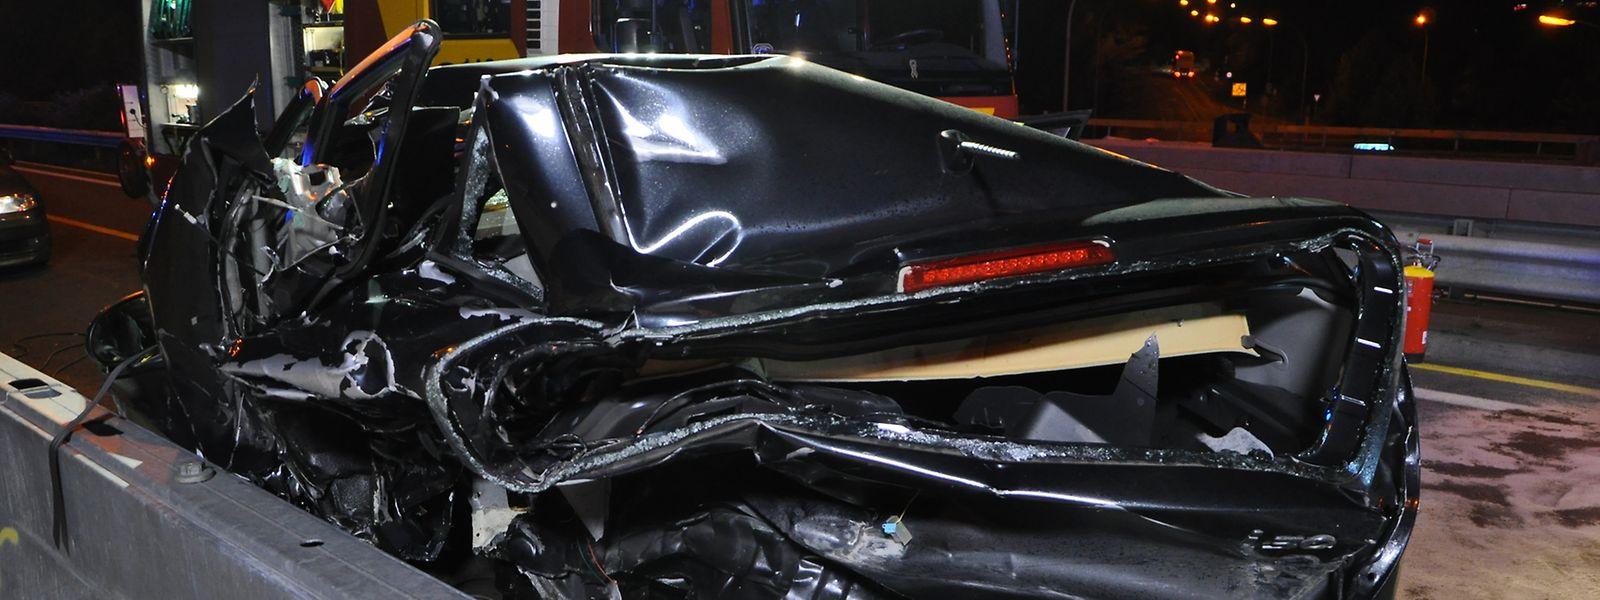 La voiture de la victime